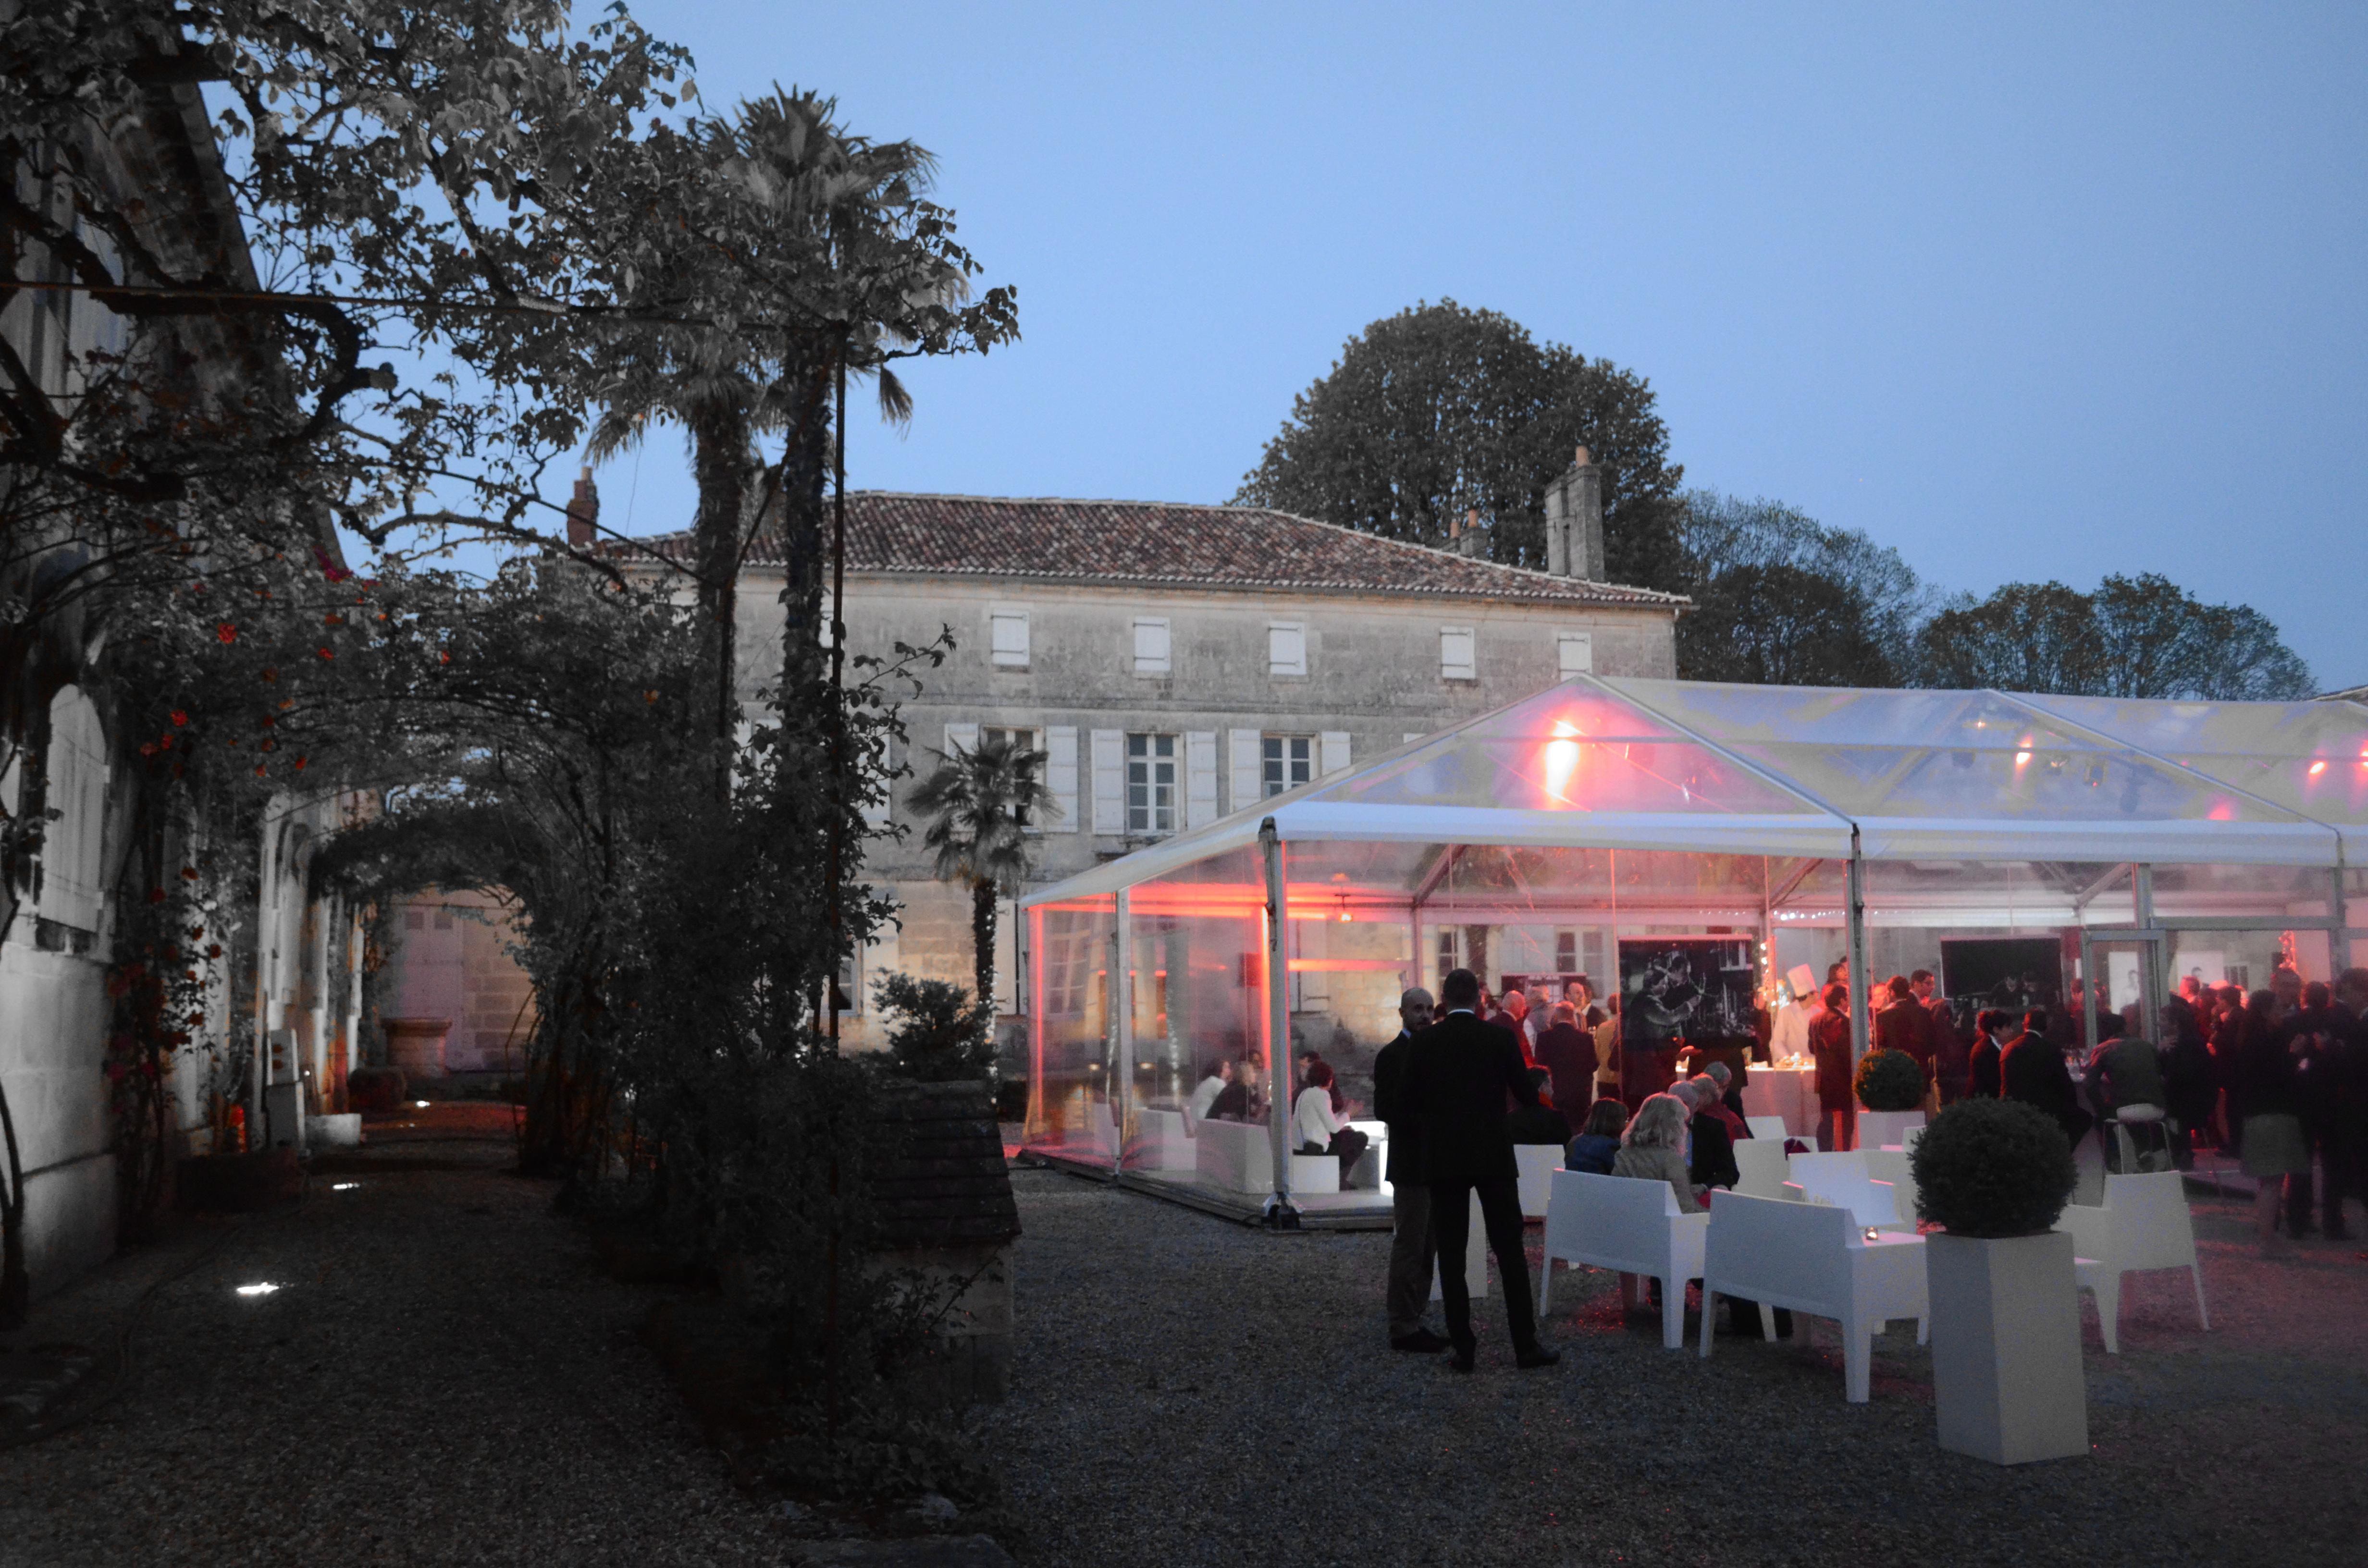 Rémy Martin: Inauguration of new cellar master, Baptiste Loiseau